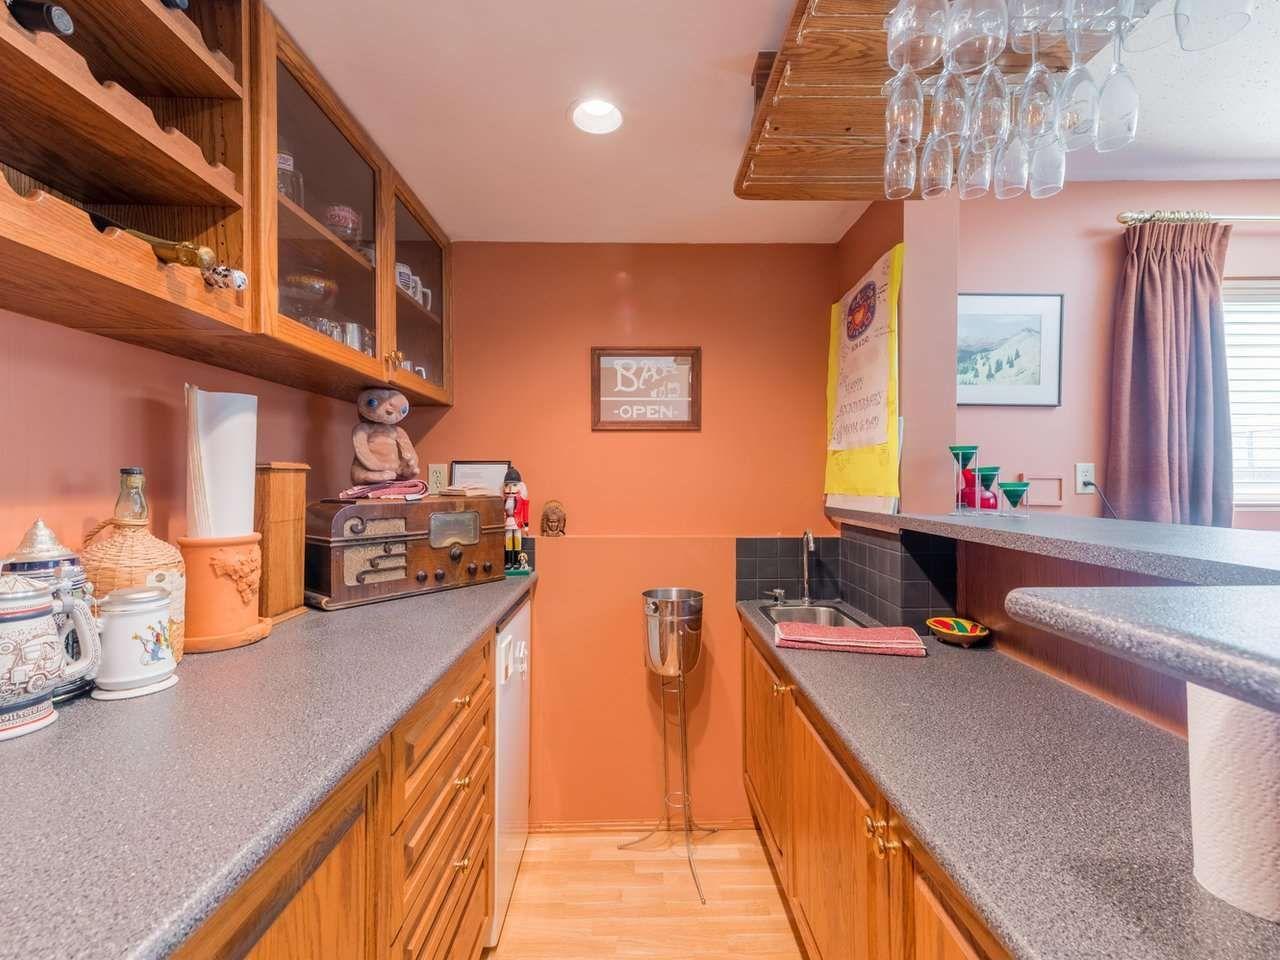 Photo 28: Photos: 808 REGAN Avenue in Coquitlam: Coquitlam West House for sale : MLS®# R2563486